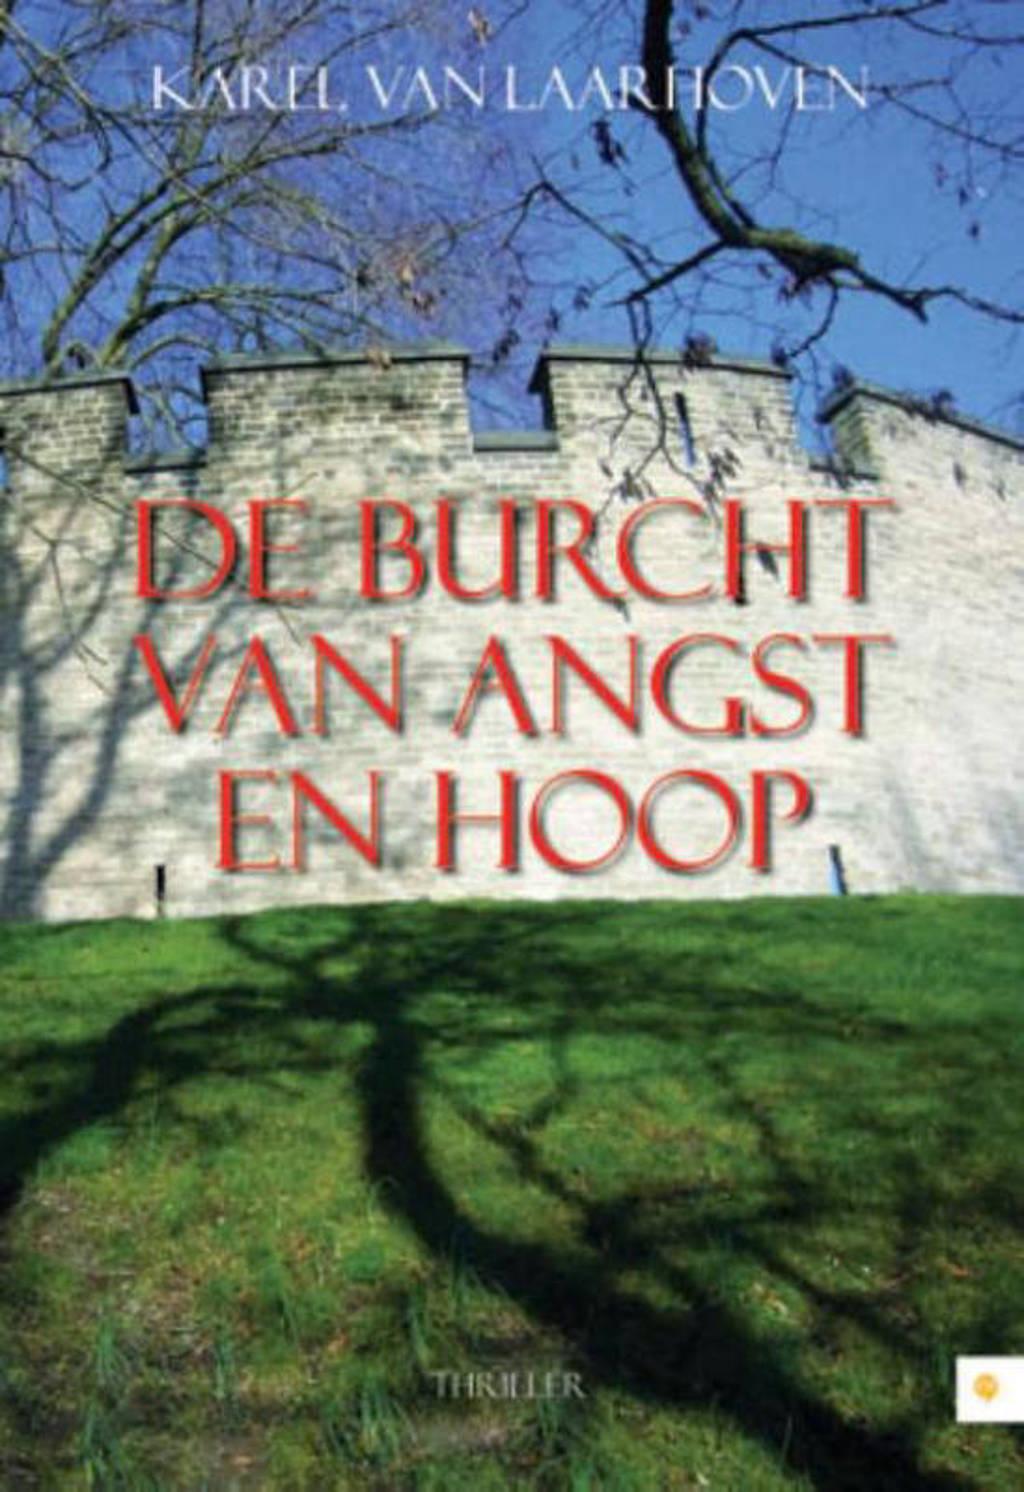 De burcht van angst en hoop - Karel van Laarhoven